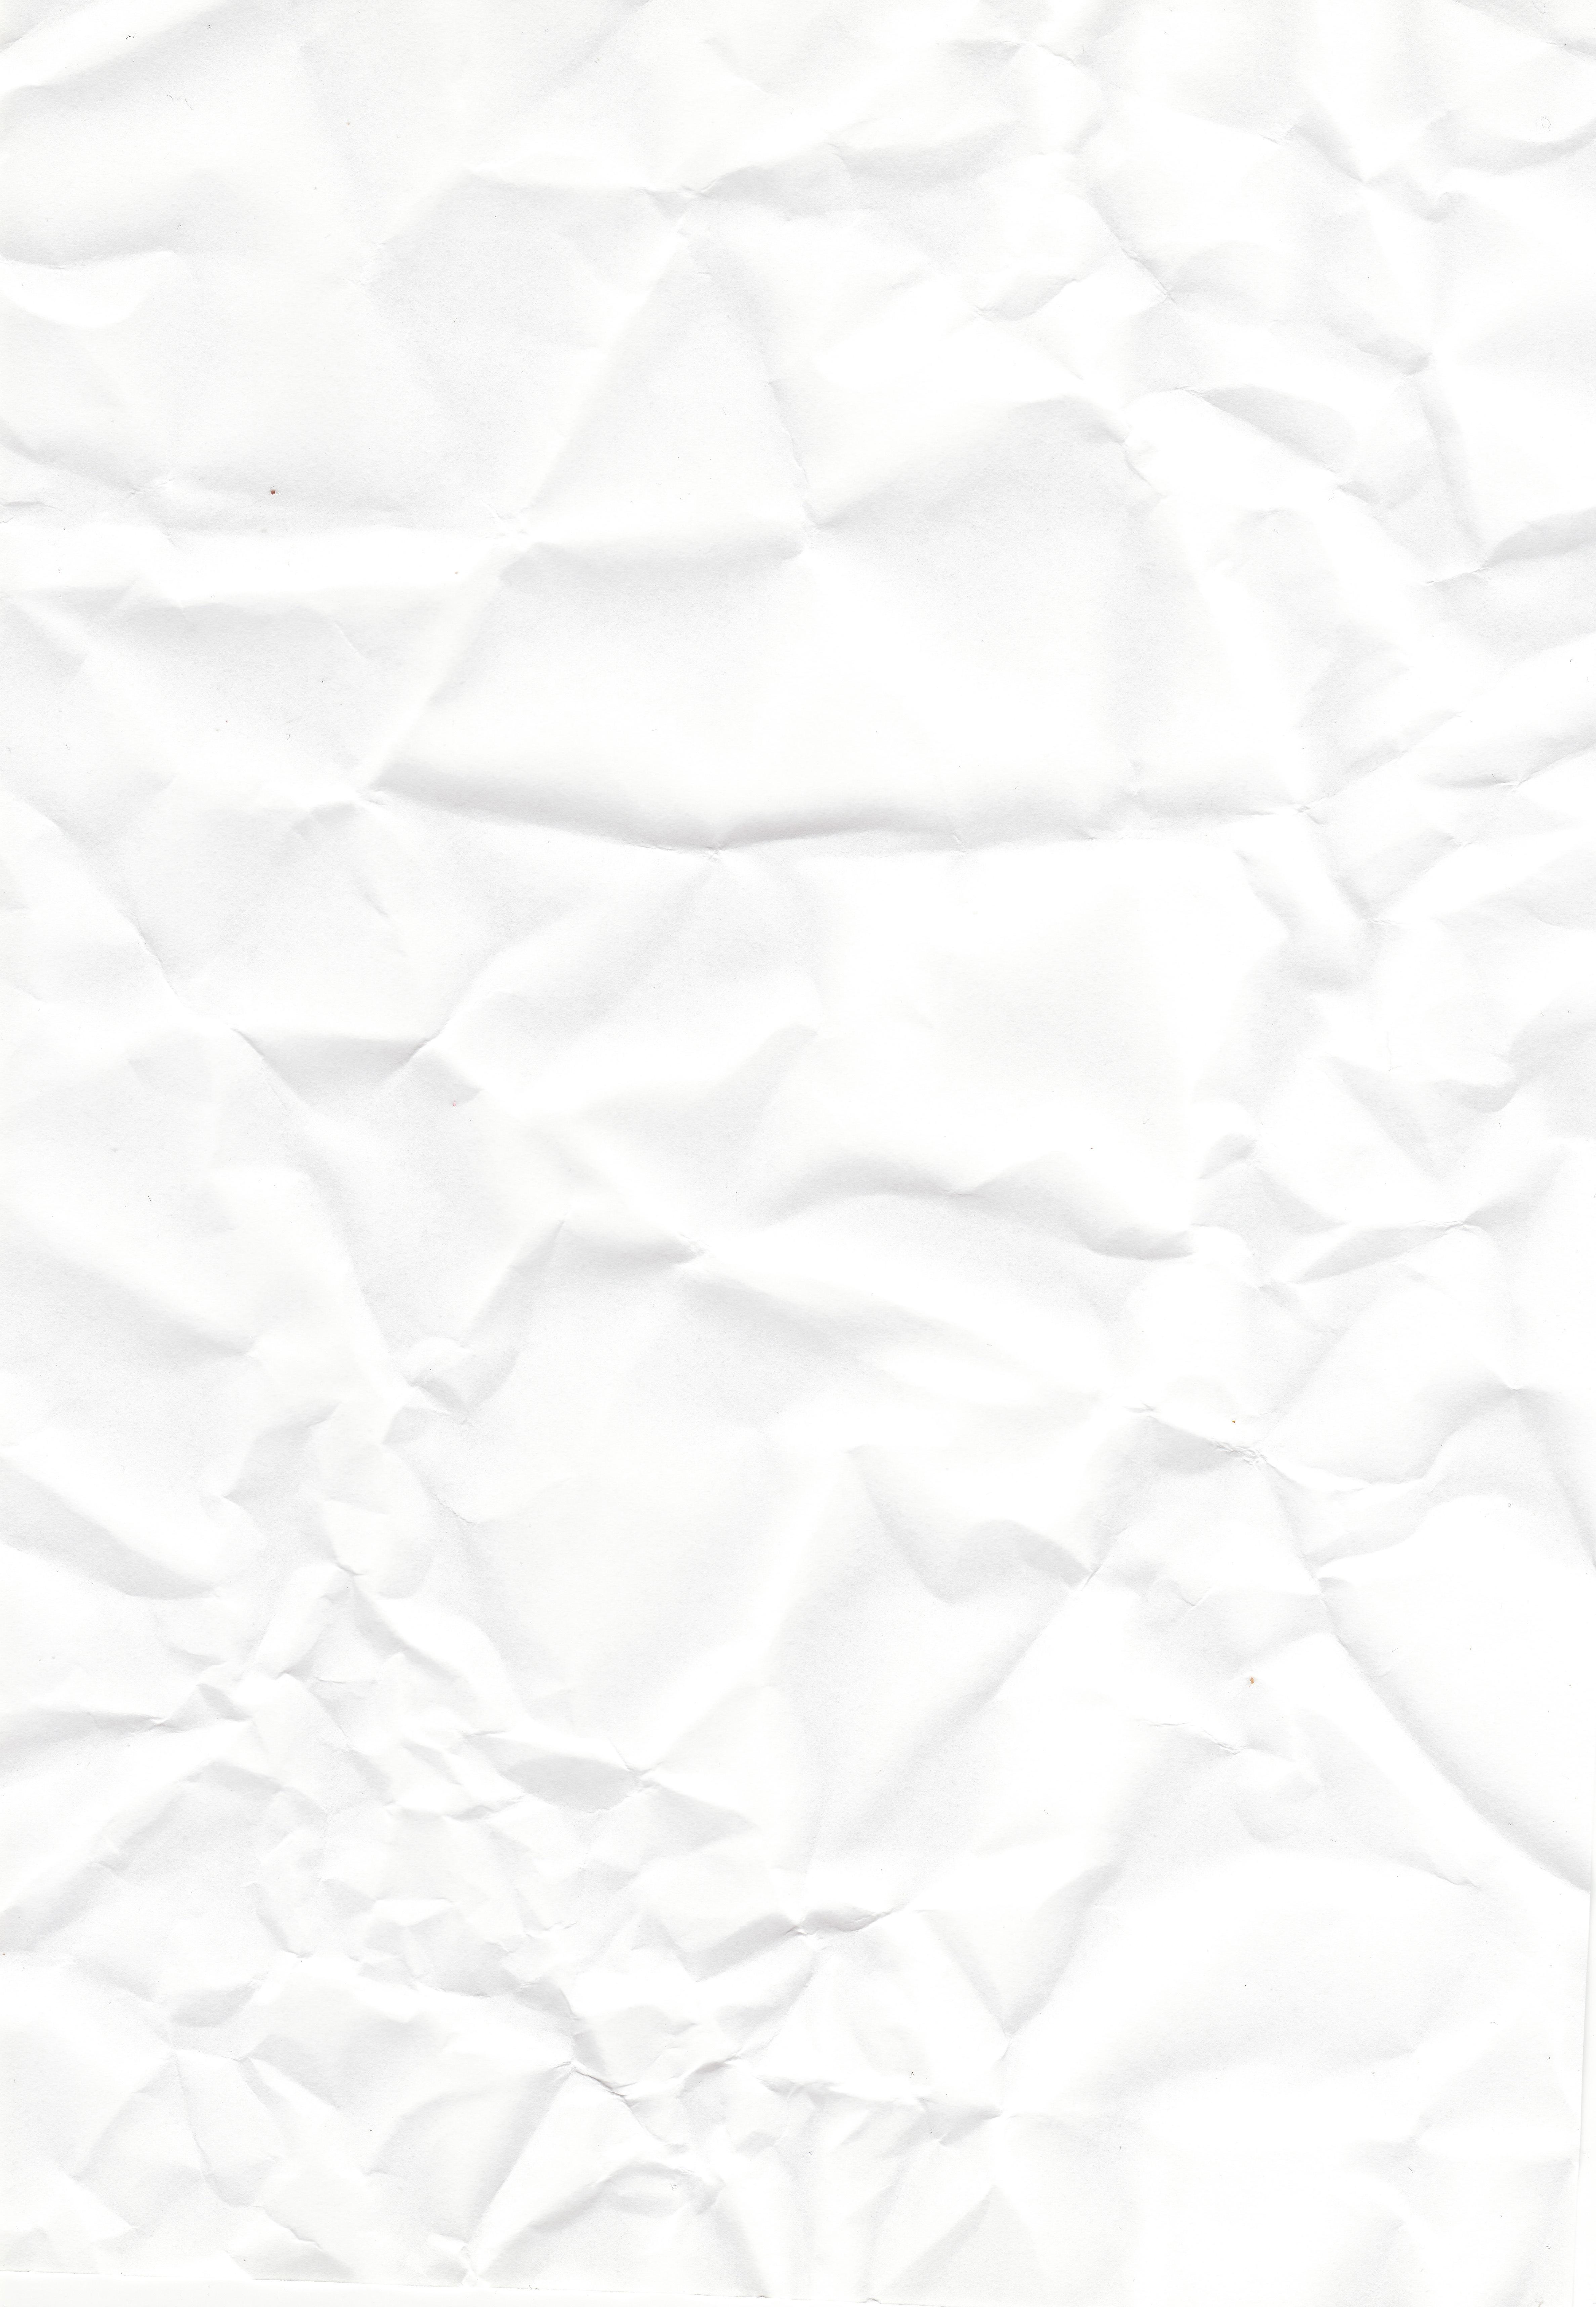 Fotos Gratis Blanco Textura Patr 243 N Mueble Vestido De